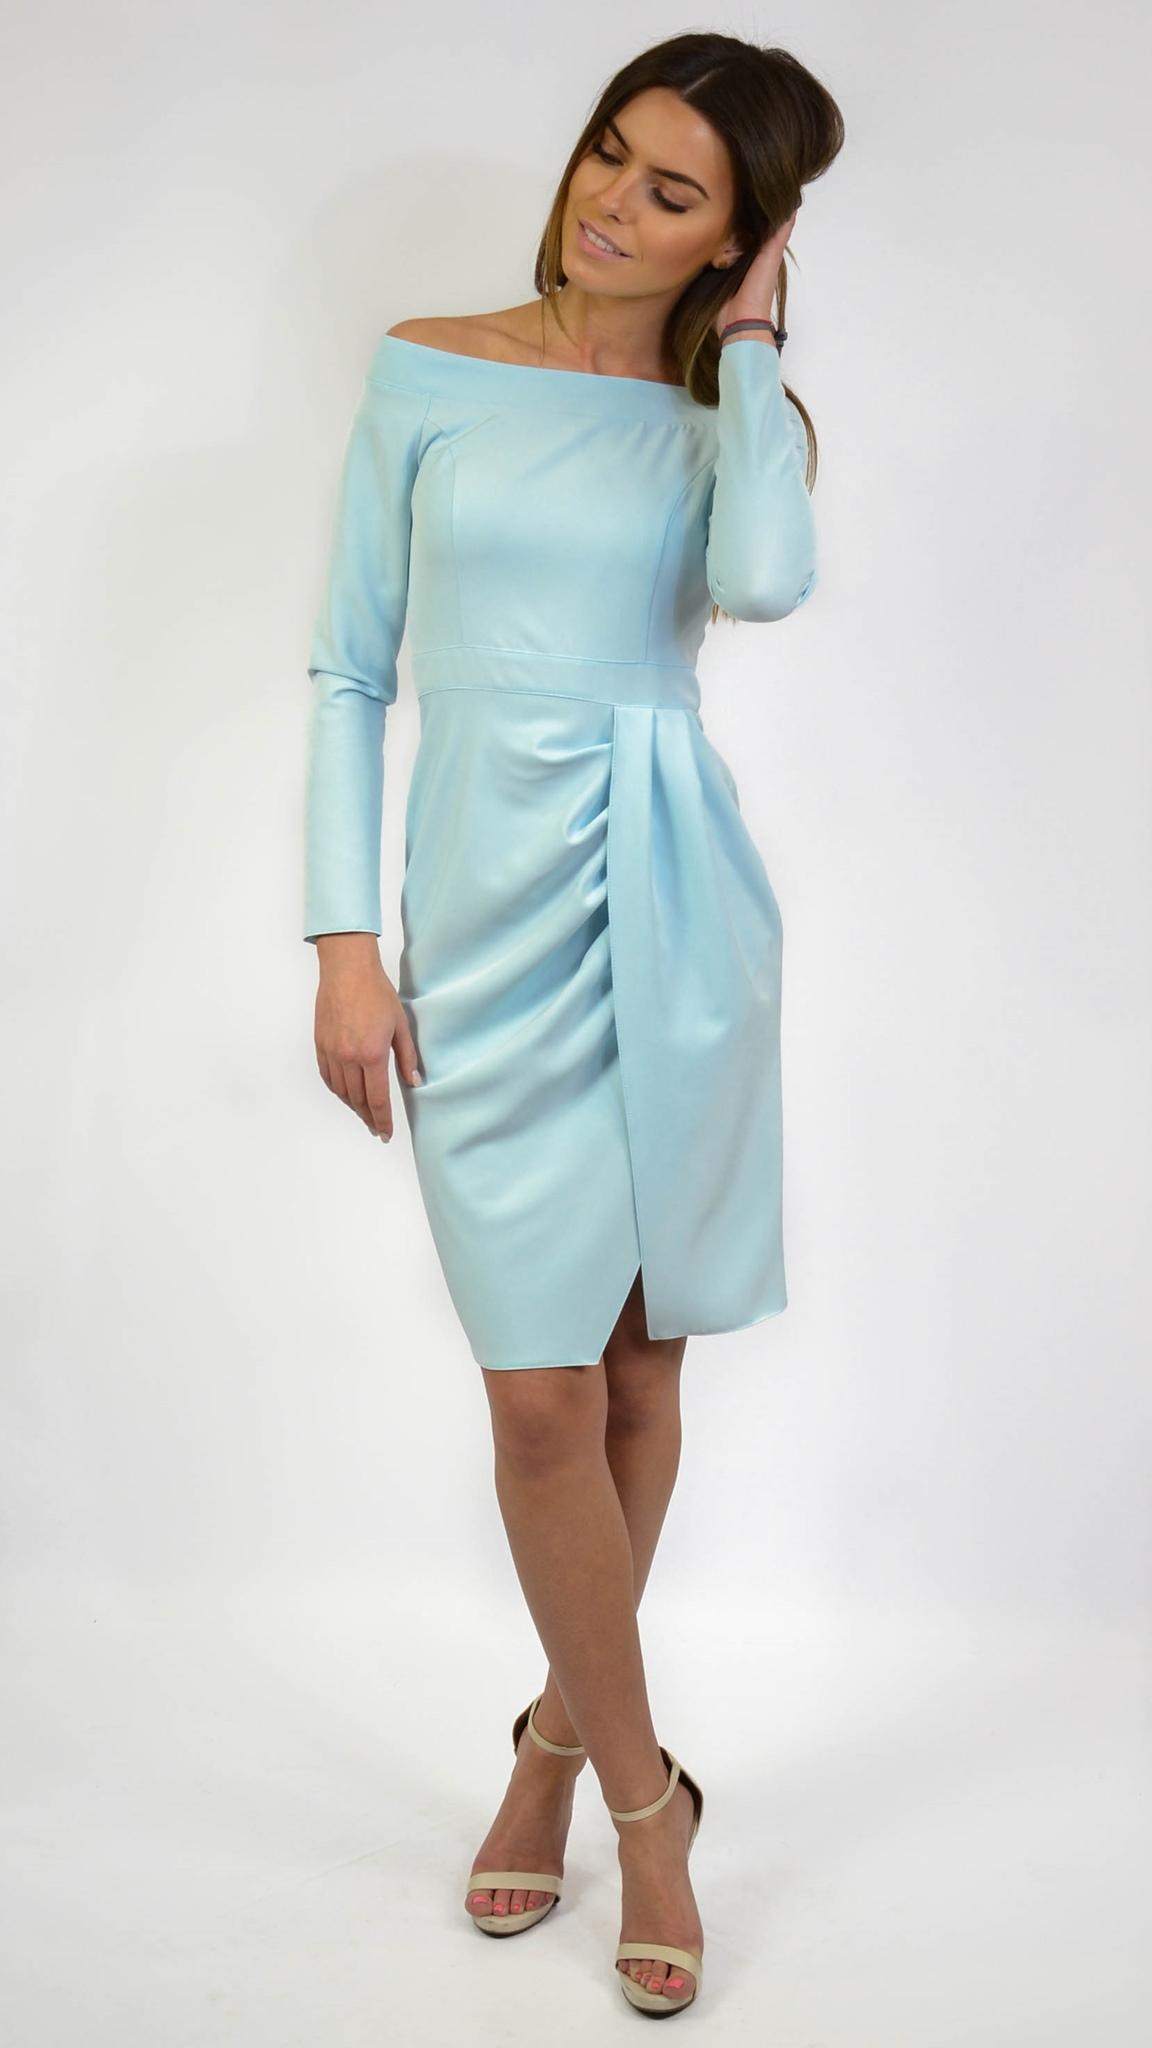 damske saty,dámske šaty,elegantné šaty,koktejlové šaty,koktejlove saty, puzdrové šaty,šaty na svadbu, modré šaty